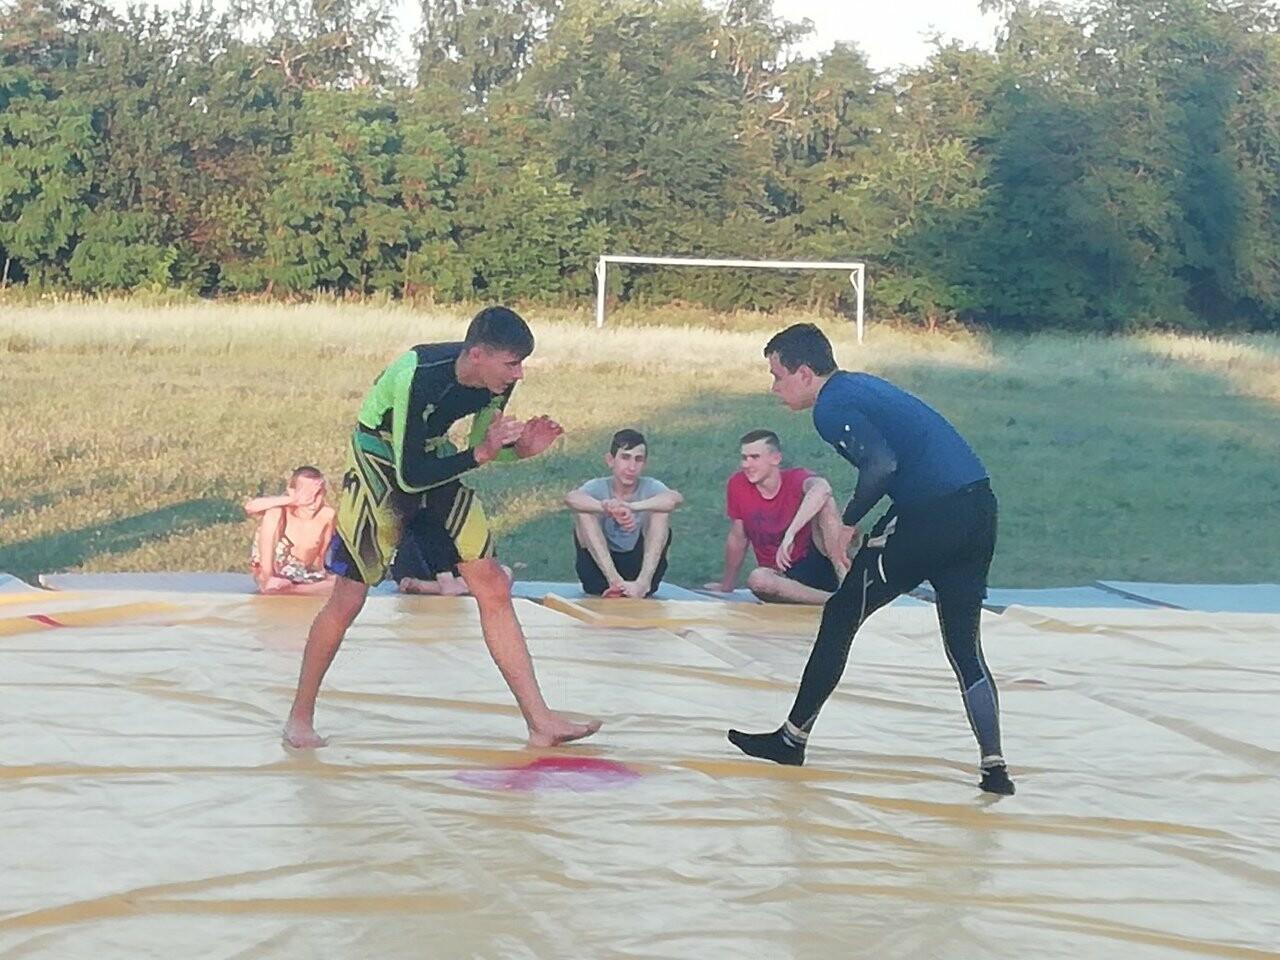 «Из улиц в спорт»: новошахтинцев приглашают на занятия по смешанным единоборствам, фото-2